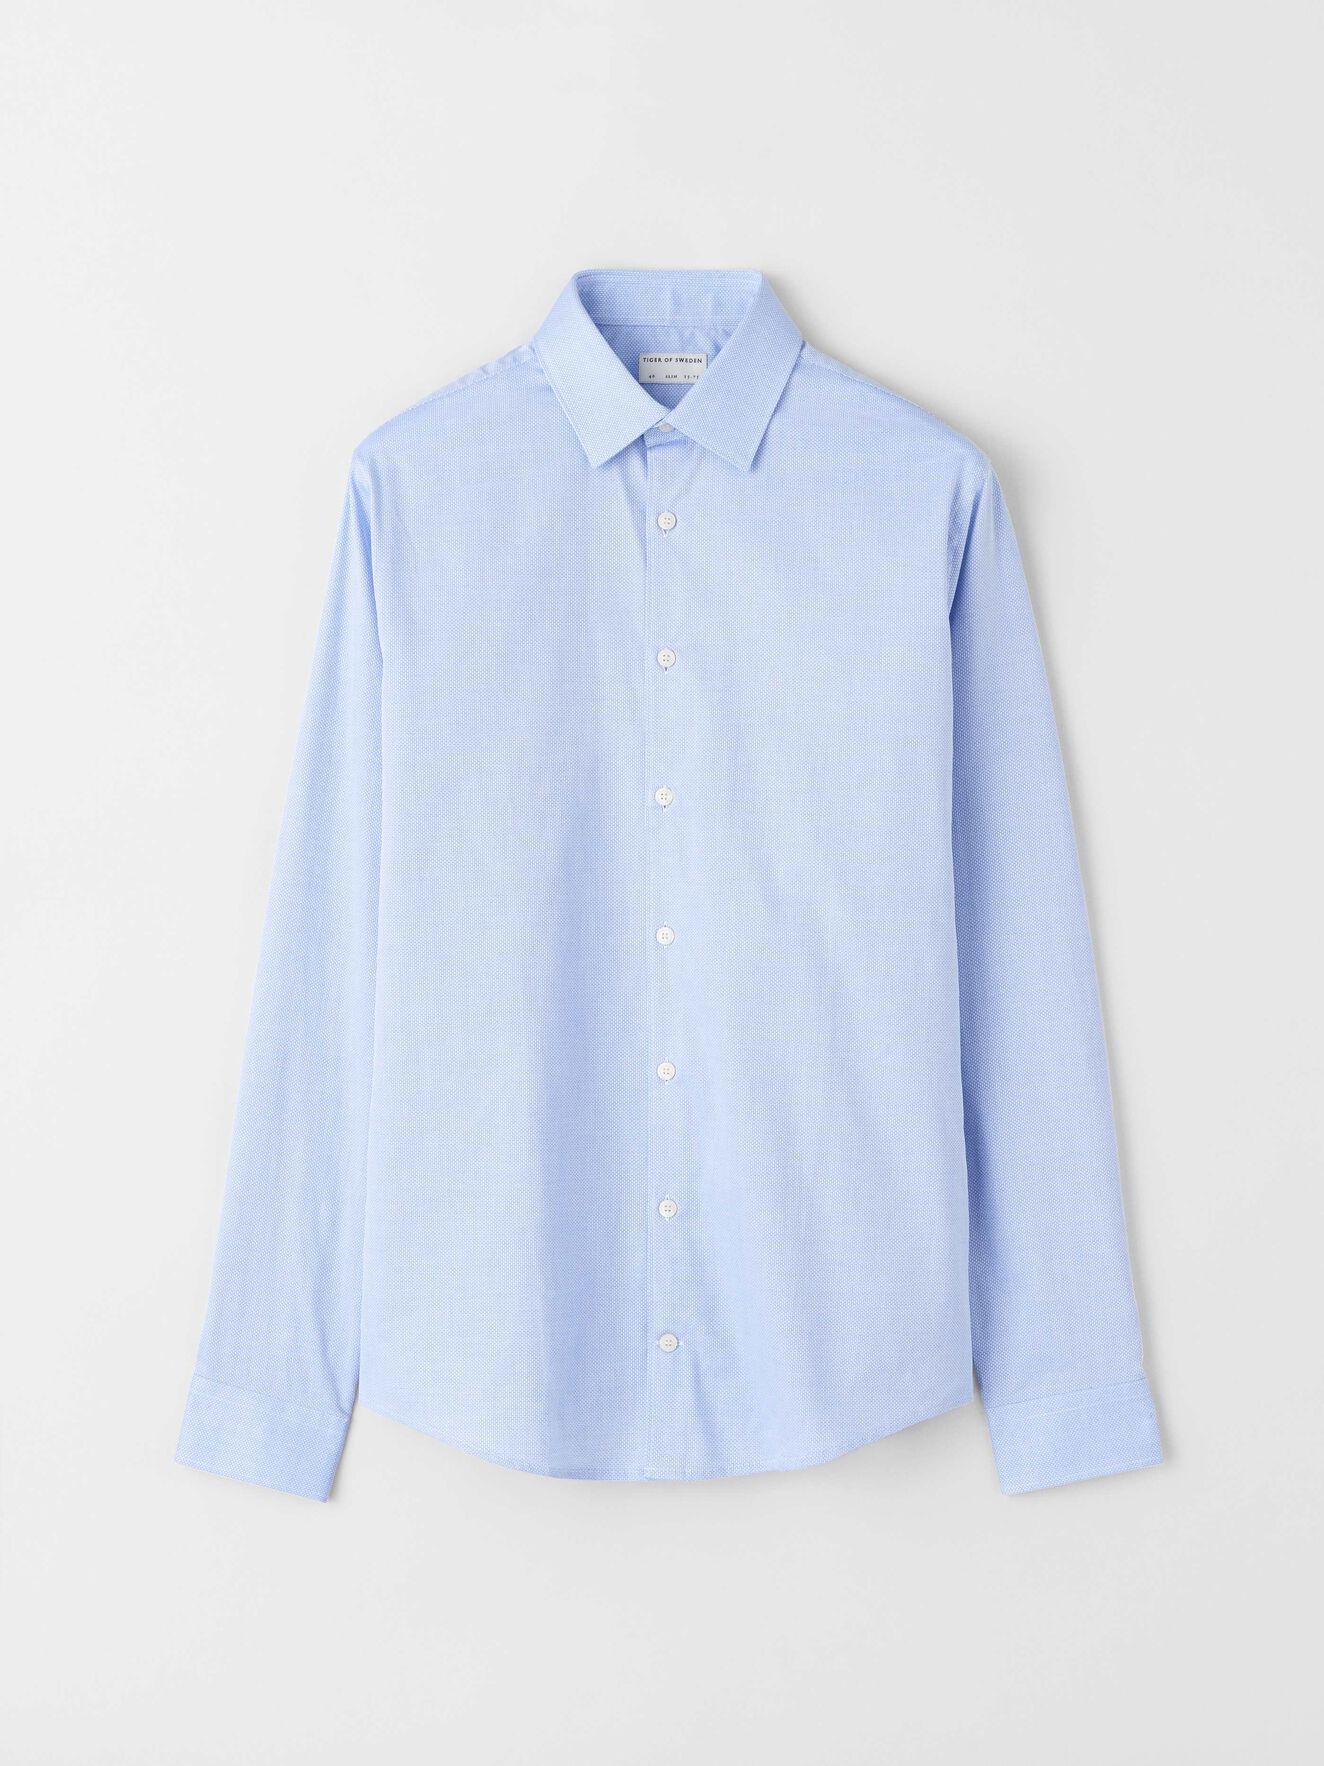 watch b9a62 bf099 Hemden - Kurz- und langärmlige Hemden finden Sie online bei ...